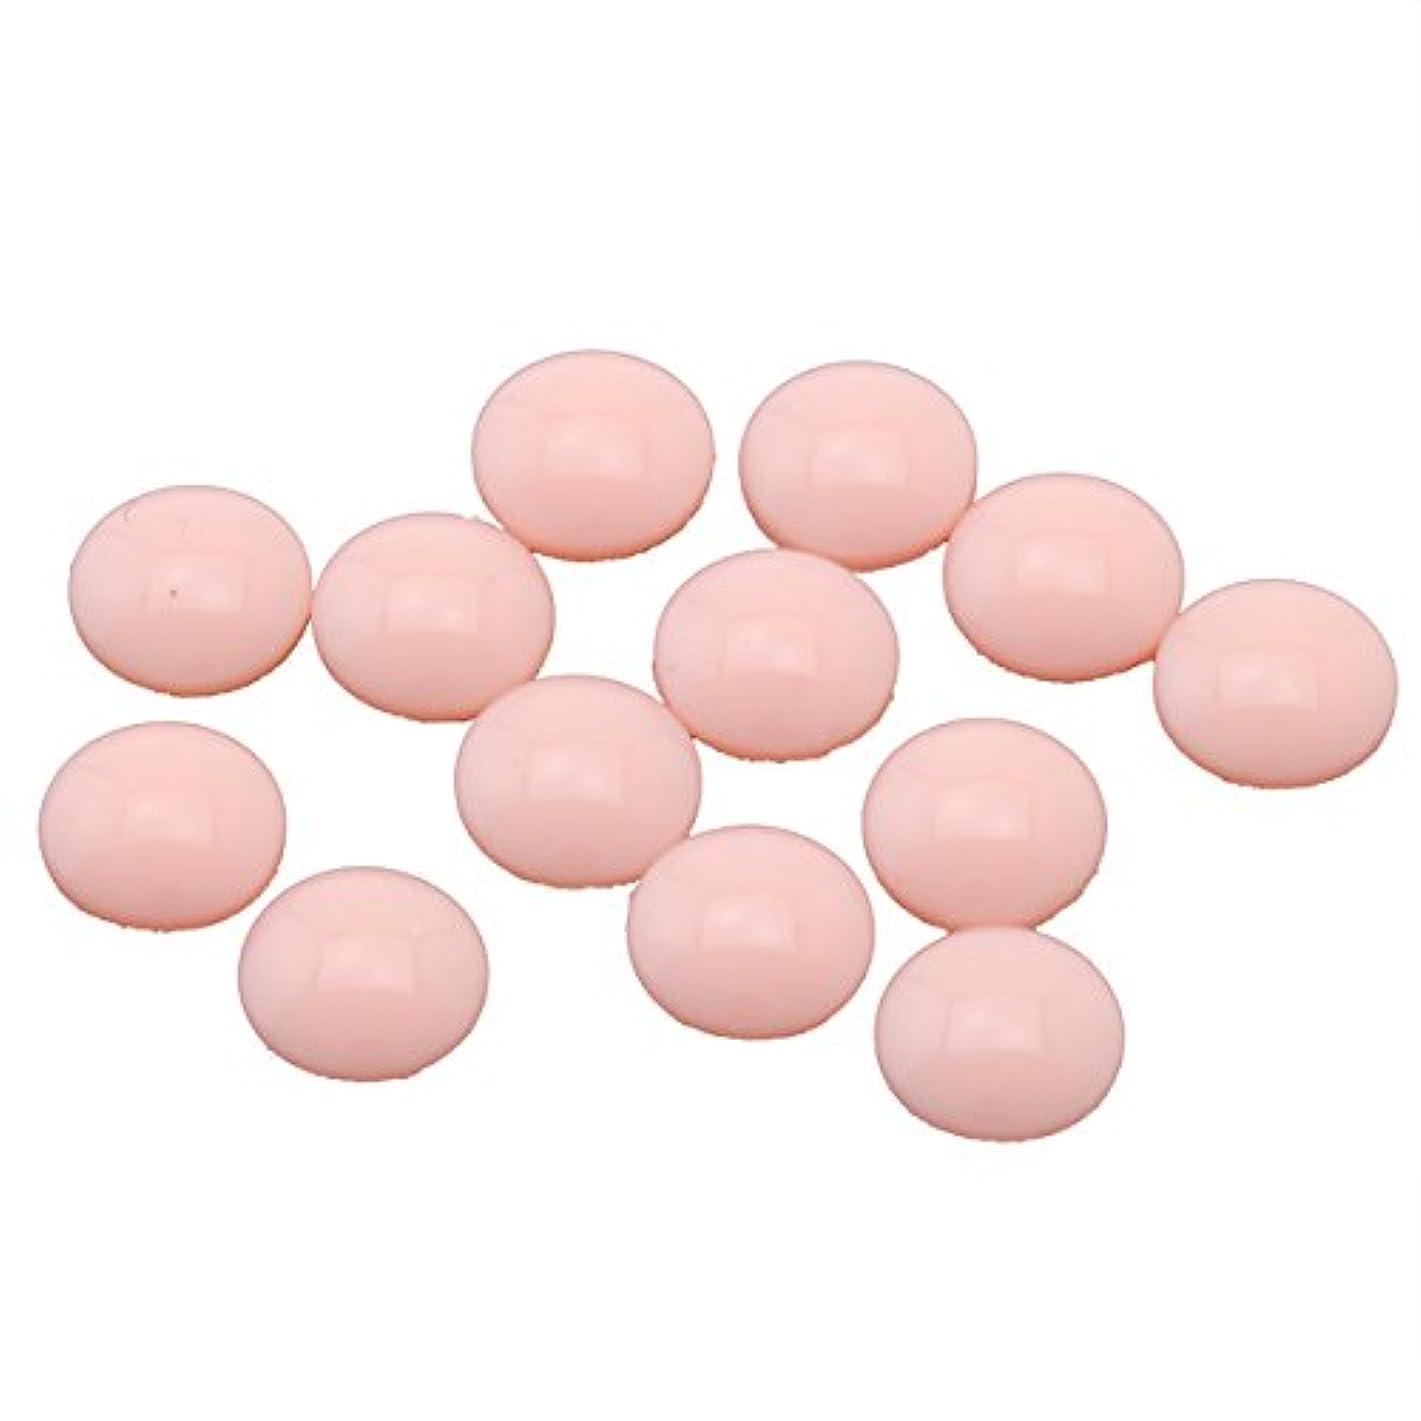 抱擁波ぼかす<エトゥベラ>スモークストーン ラウンド 4mm(各30個) ピンク(4mm)